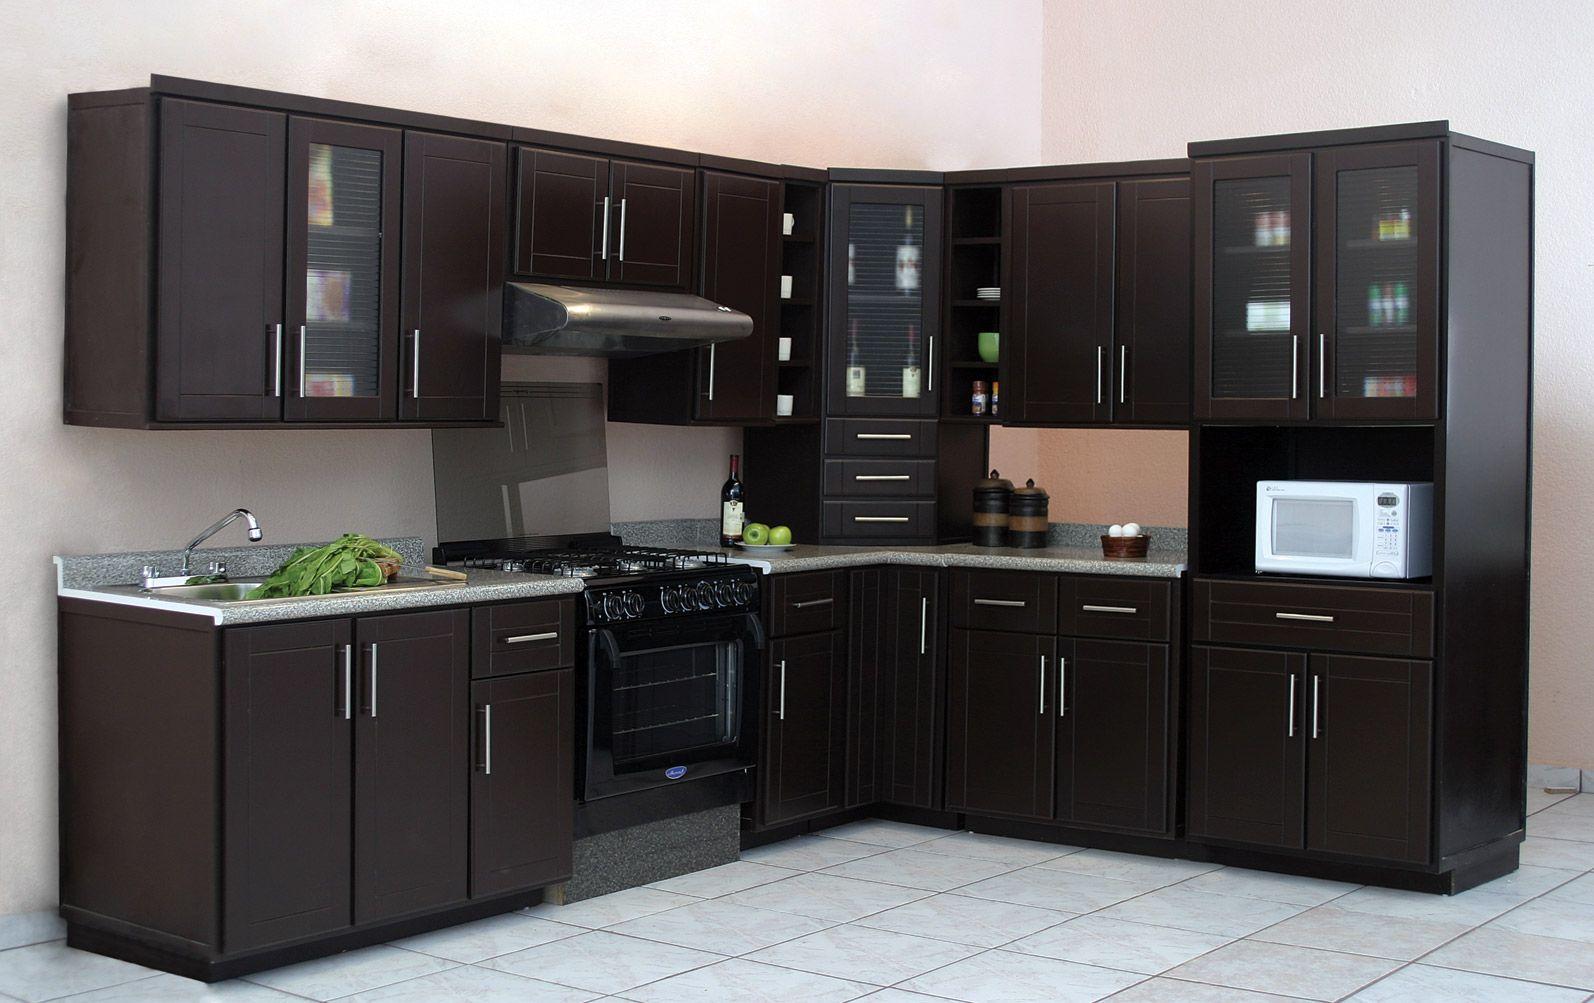 Ideas De Diseo De Interiores 10 Fotos De Cocinas Con Gabinetes Color Cocina Chocolate Escuadra Cocina Chocolate 4f8ded382aa0f  Cocinas